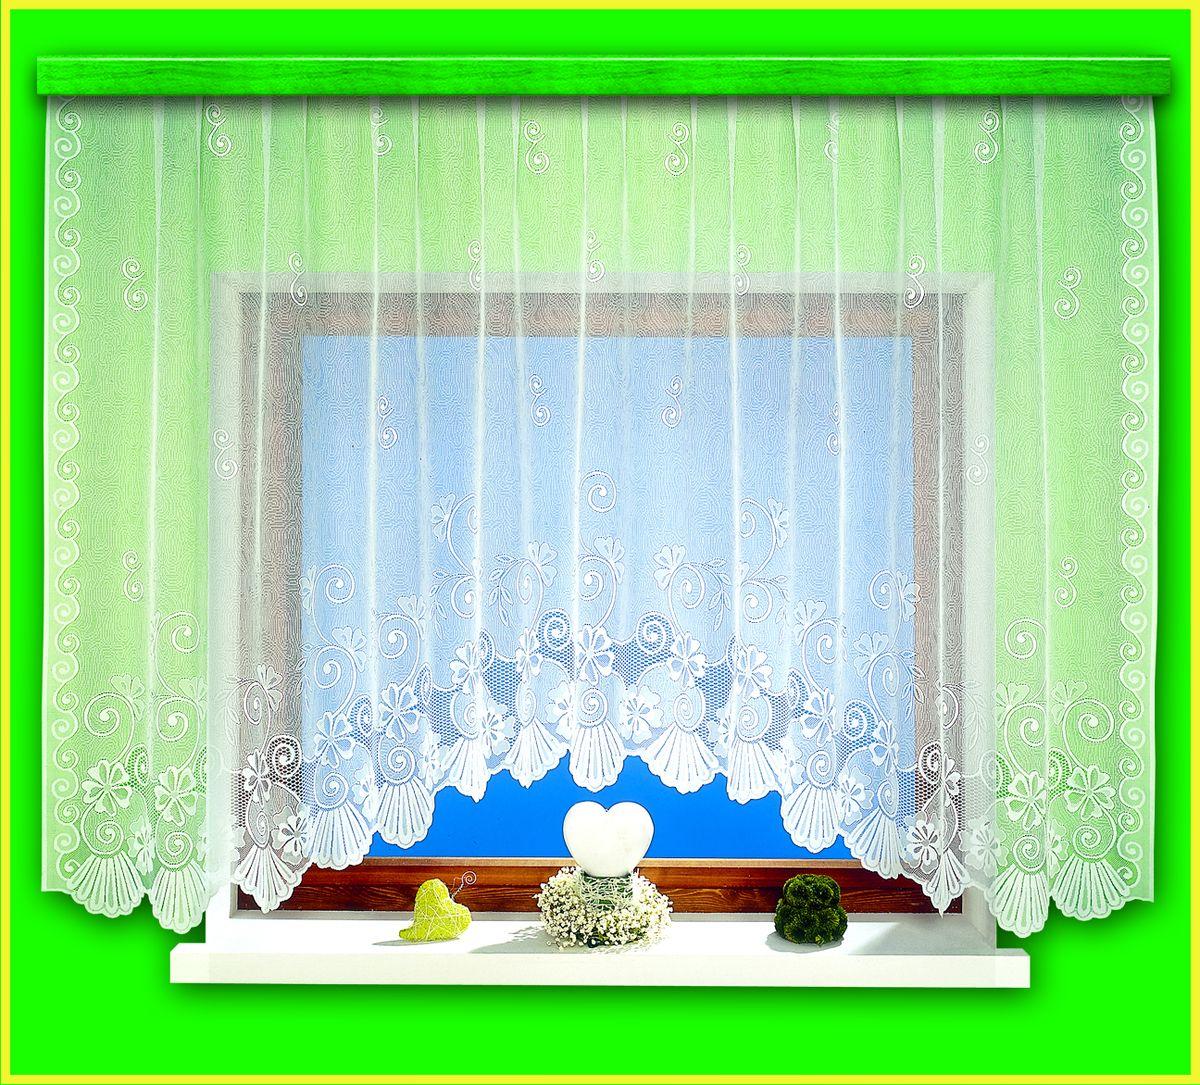 Гардина для кухни Haft Magia Wzorow, на ленте, цвет: белый, высота 160 см. 94090/160S03301004Воздушная гардина Haft Magia Wzorow, изготовленная из полиэстера белого цвета, станет великолепным украшением любого окна. Оригинальный цветочный орнамент, украшающий нижний край гардины, и нежная ажурная фактура материала привлекут к себе внимание и органично впишутся в интерьер комнаты. В гардину вшита шторная лента.Размер гардины: 160 см х 300 см.Главный ассортимент компании Haft - это тюль и занавески. Haft предлагает готовые решения для ваших окон, выпуская готовые наборы штор, которые остается только распаковать и повесить. Модельный ряд отличает оригинальный дизайн, высокое качество. Занавески, шторы, гардины Haft долговечны, прочны, практически не сминаемы, они не притягивают пыль и за ними легко ухаживать. Вся продукция бренда Haft выполнена на современном оборудовании из лучших материалов.